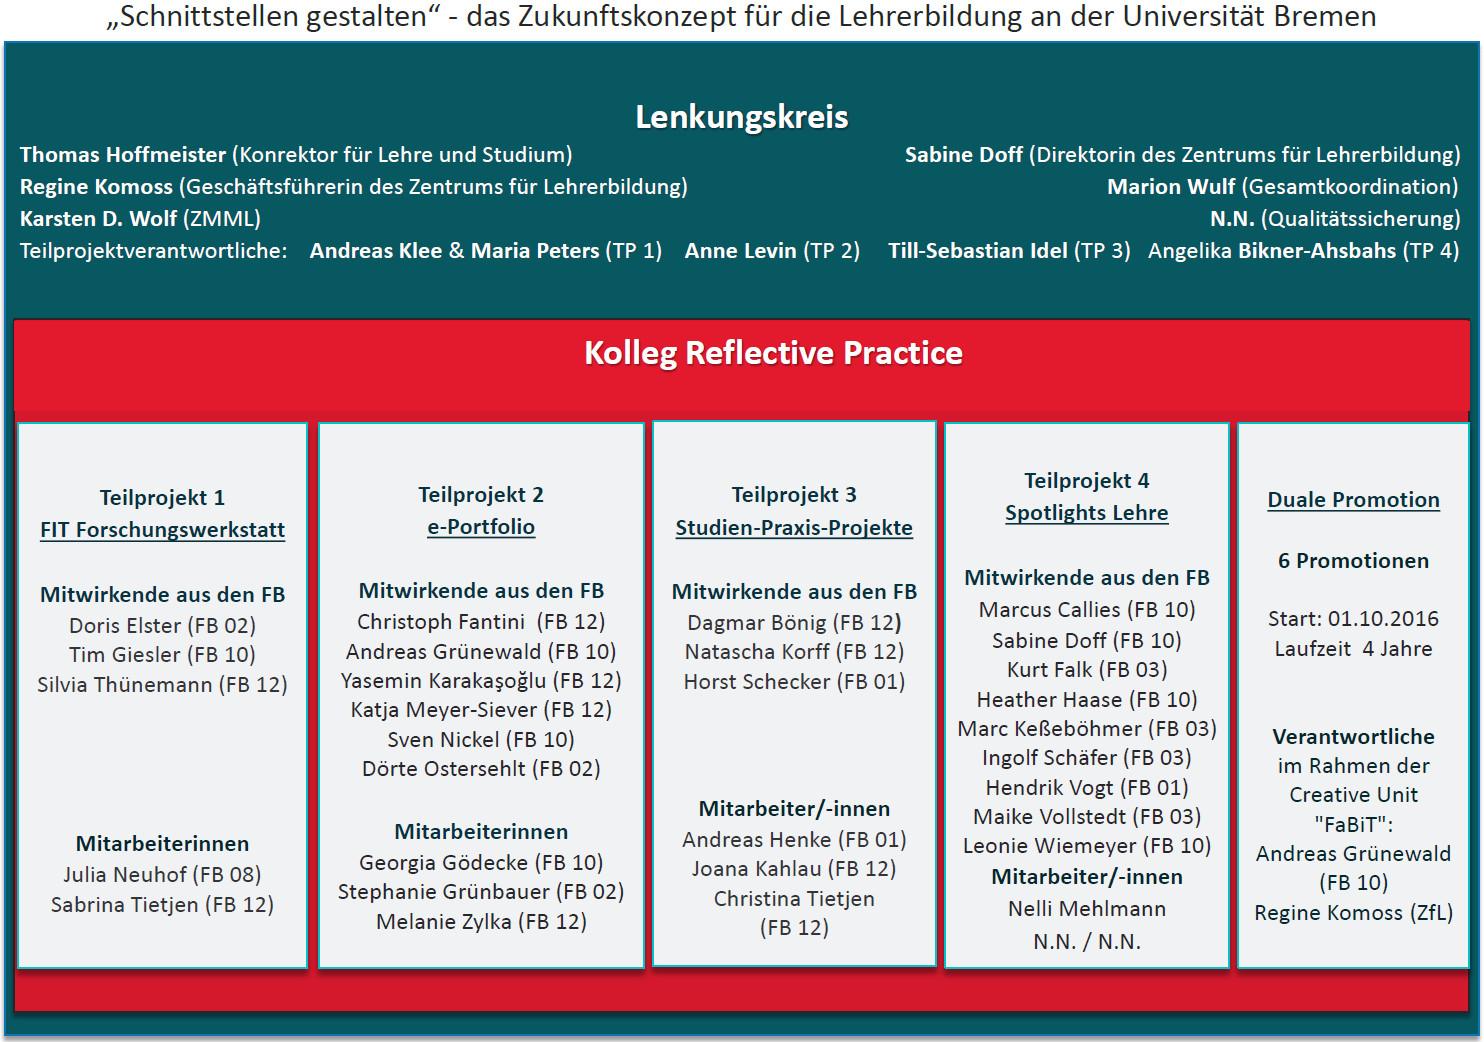 Abbildung 2: Lenkungskreis und Kolleg Reflective Practice